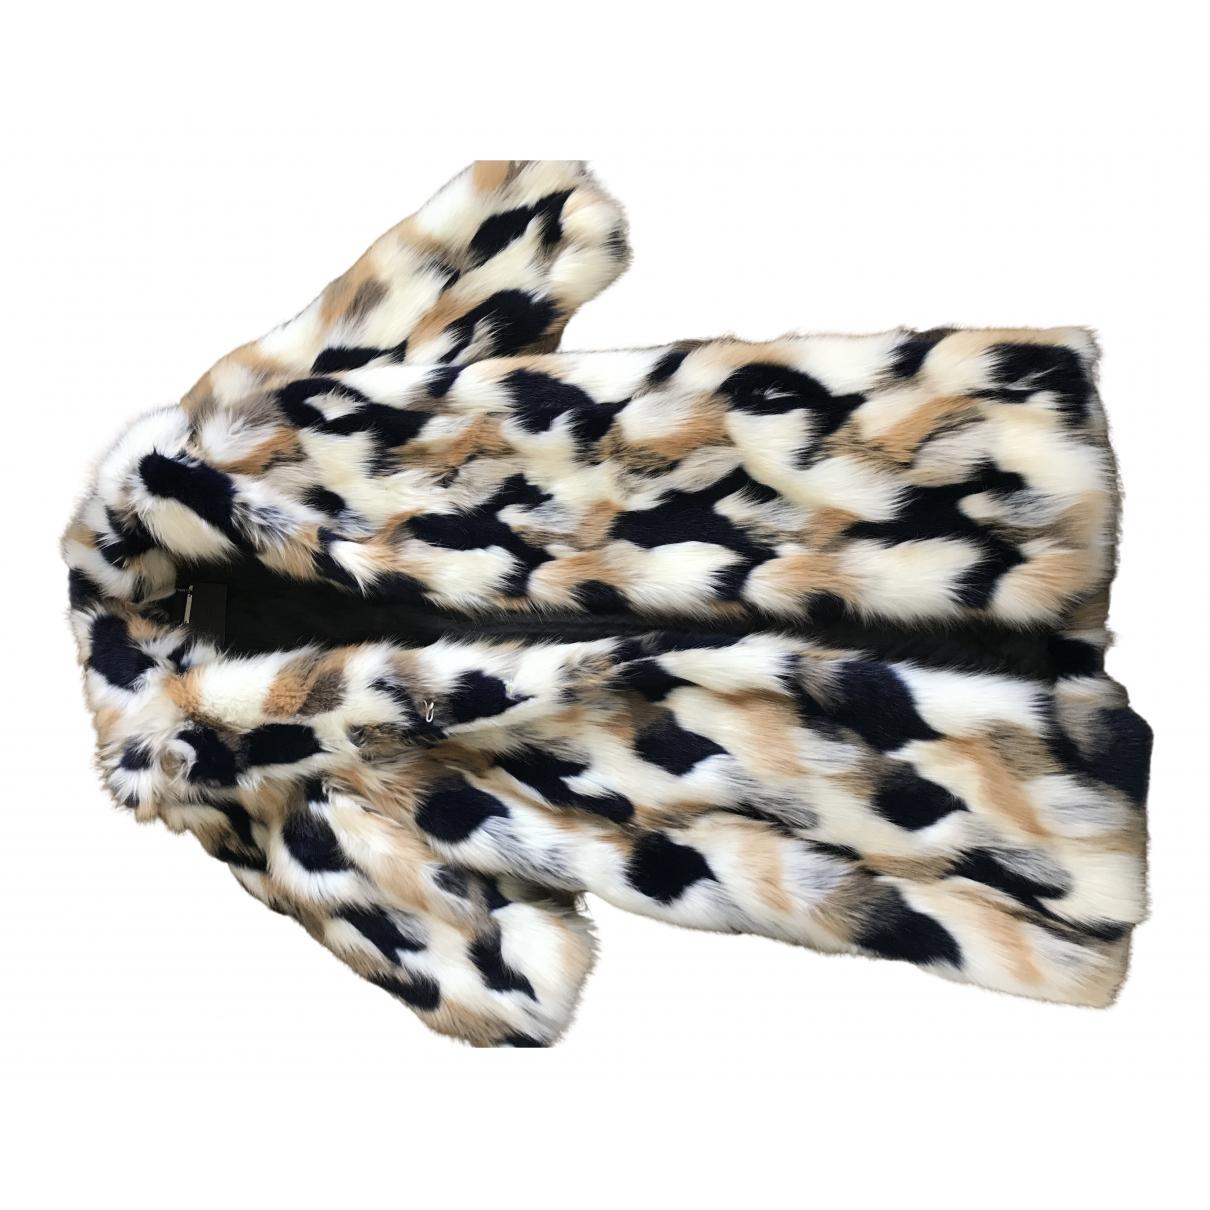 Givenchy - Manteau   pour femme en fourrure synthetique - multicolore